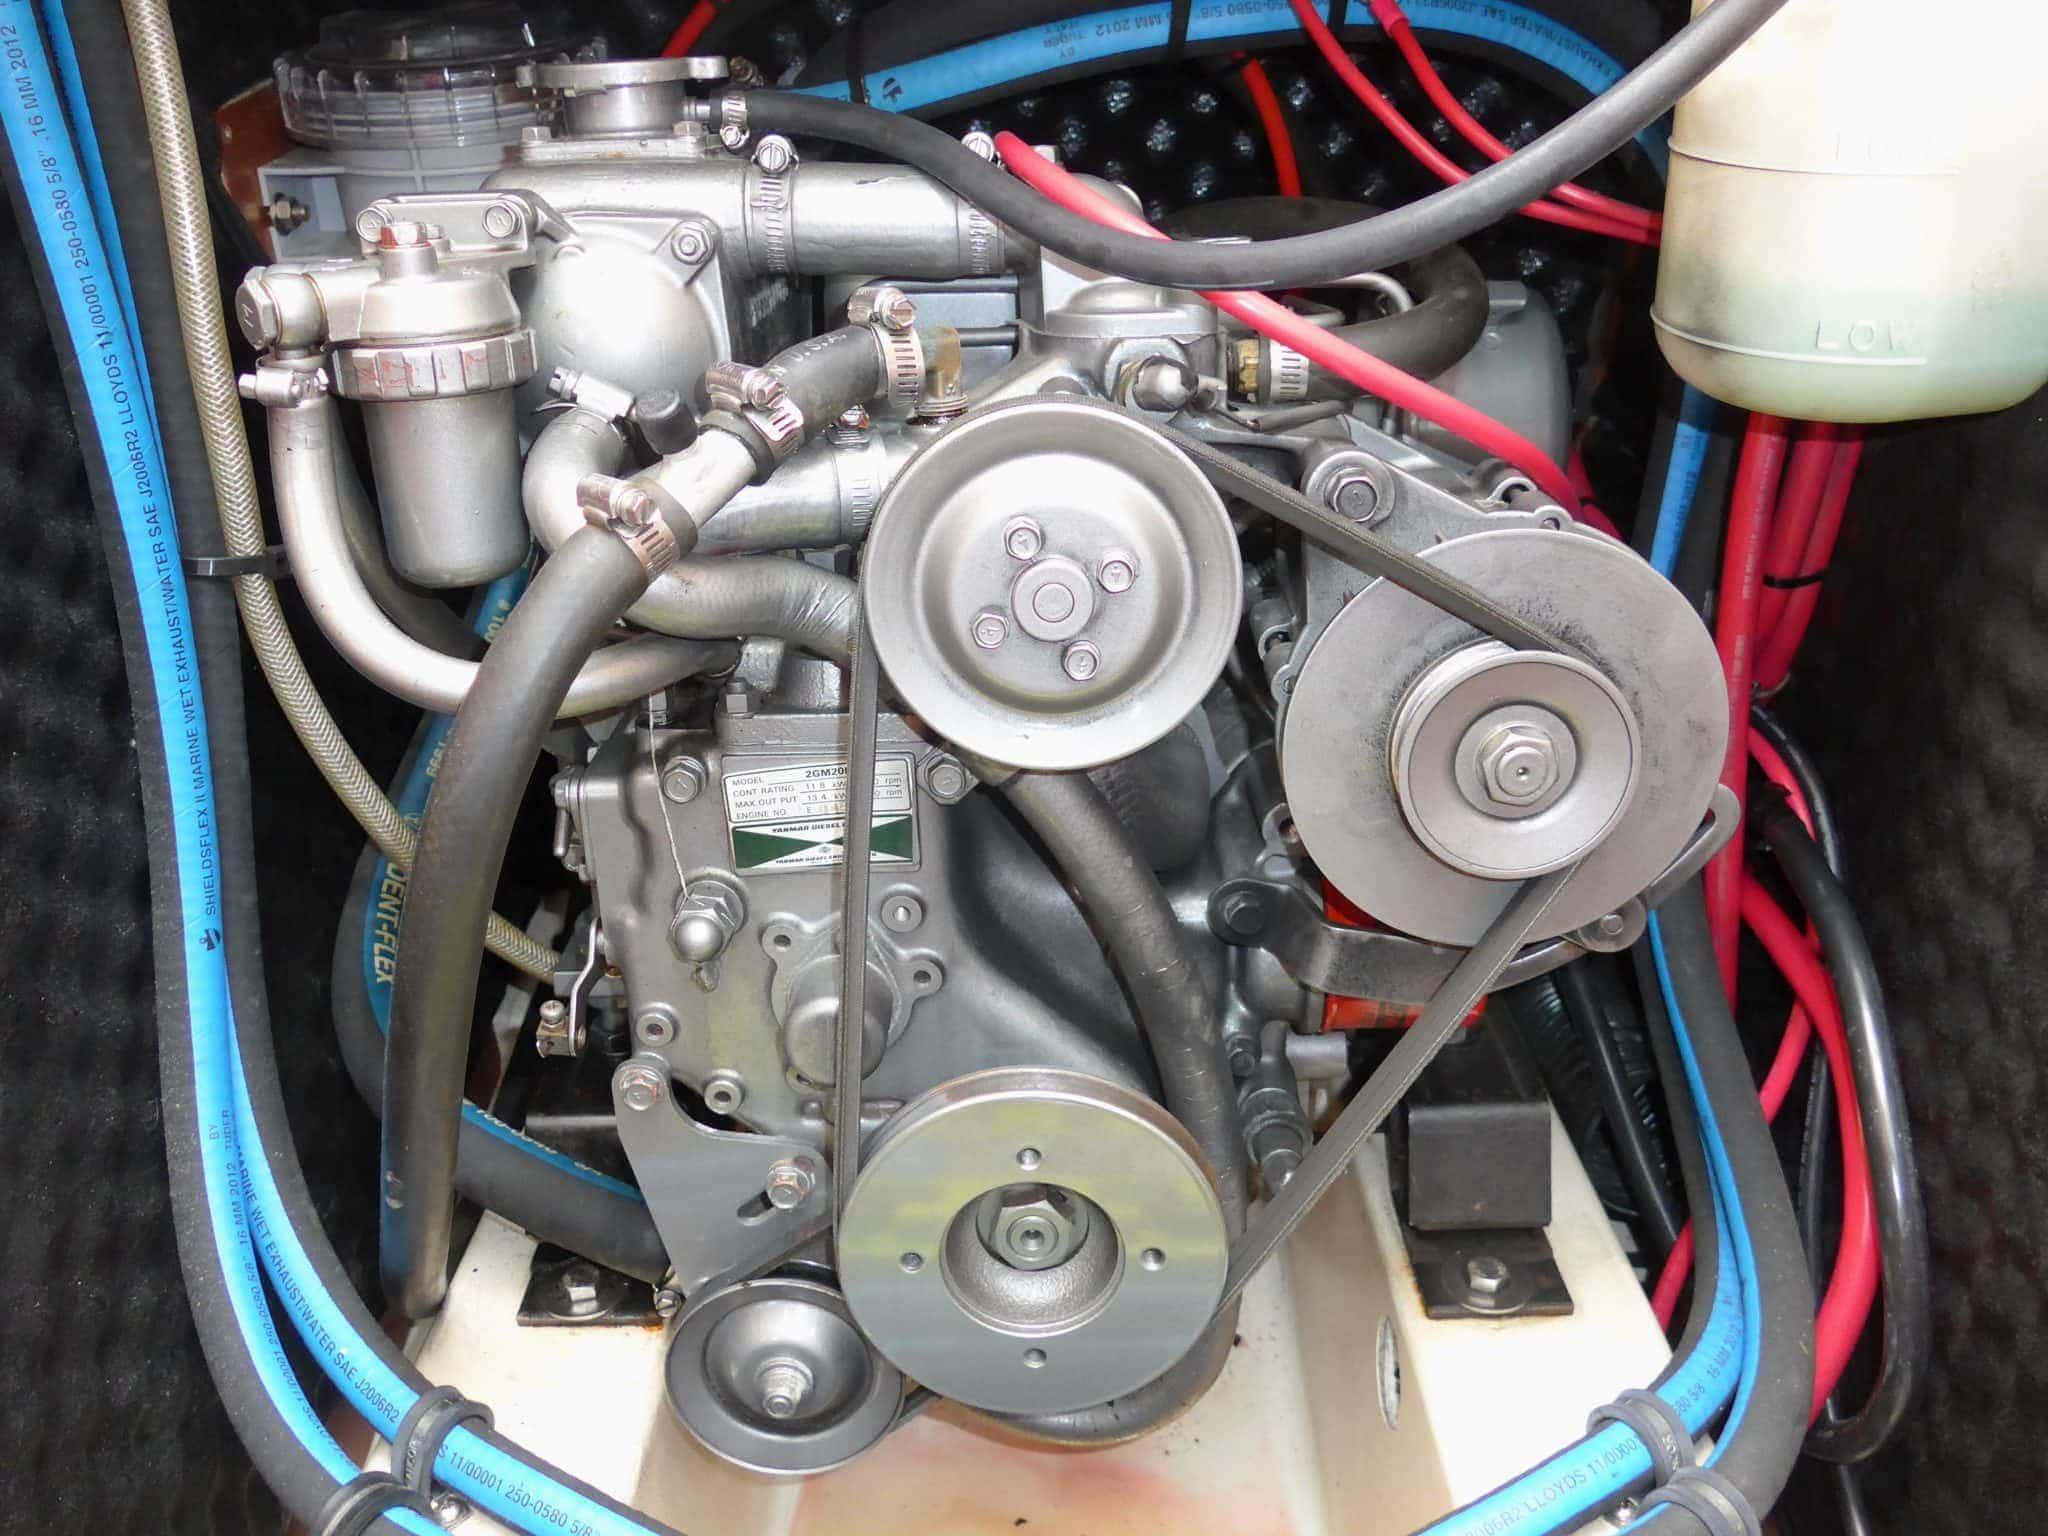 Old alternator on engine